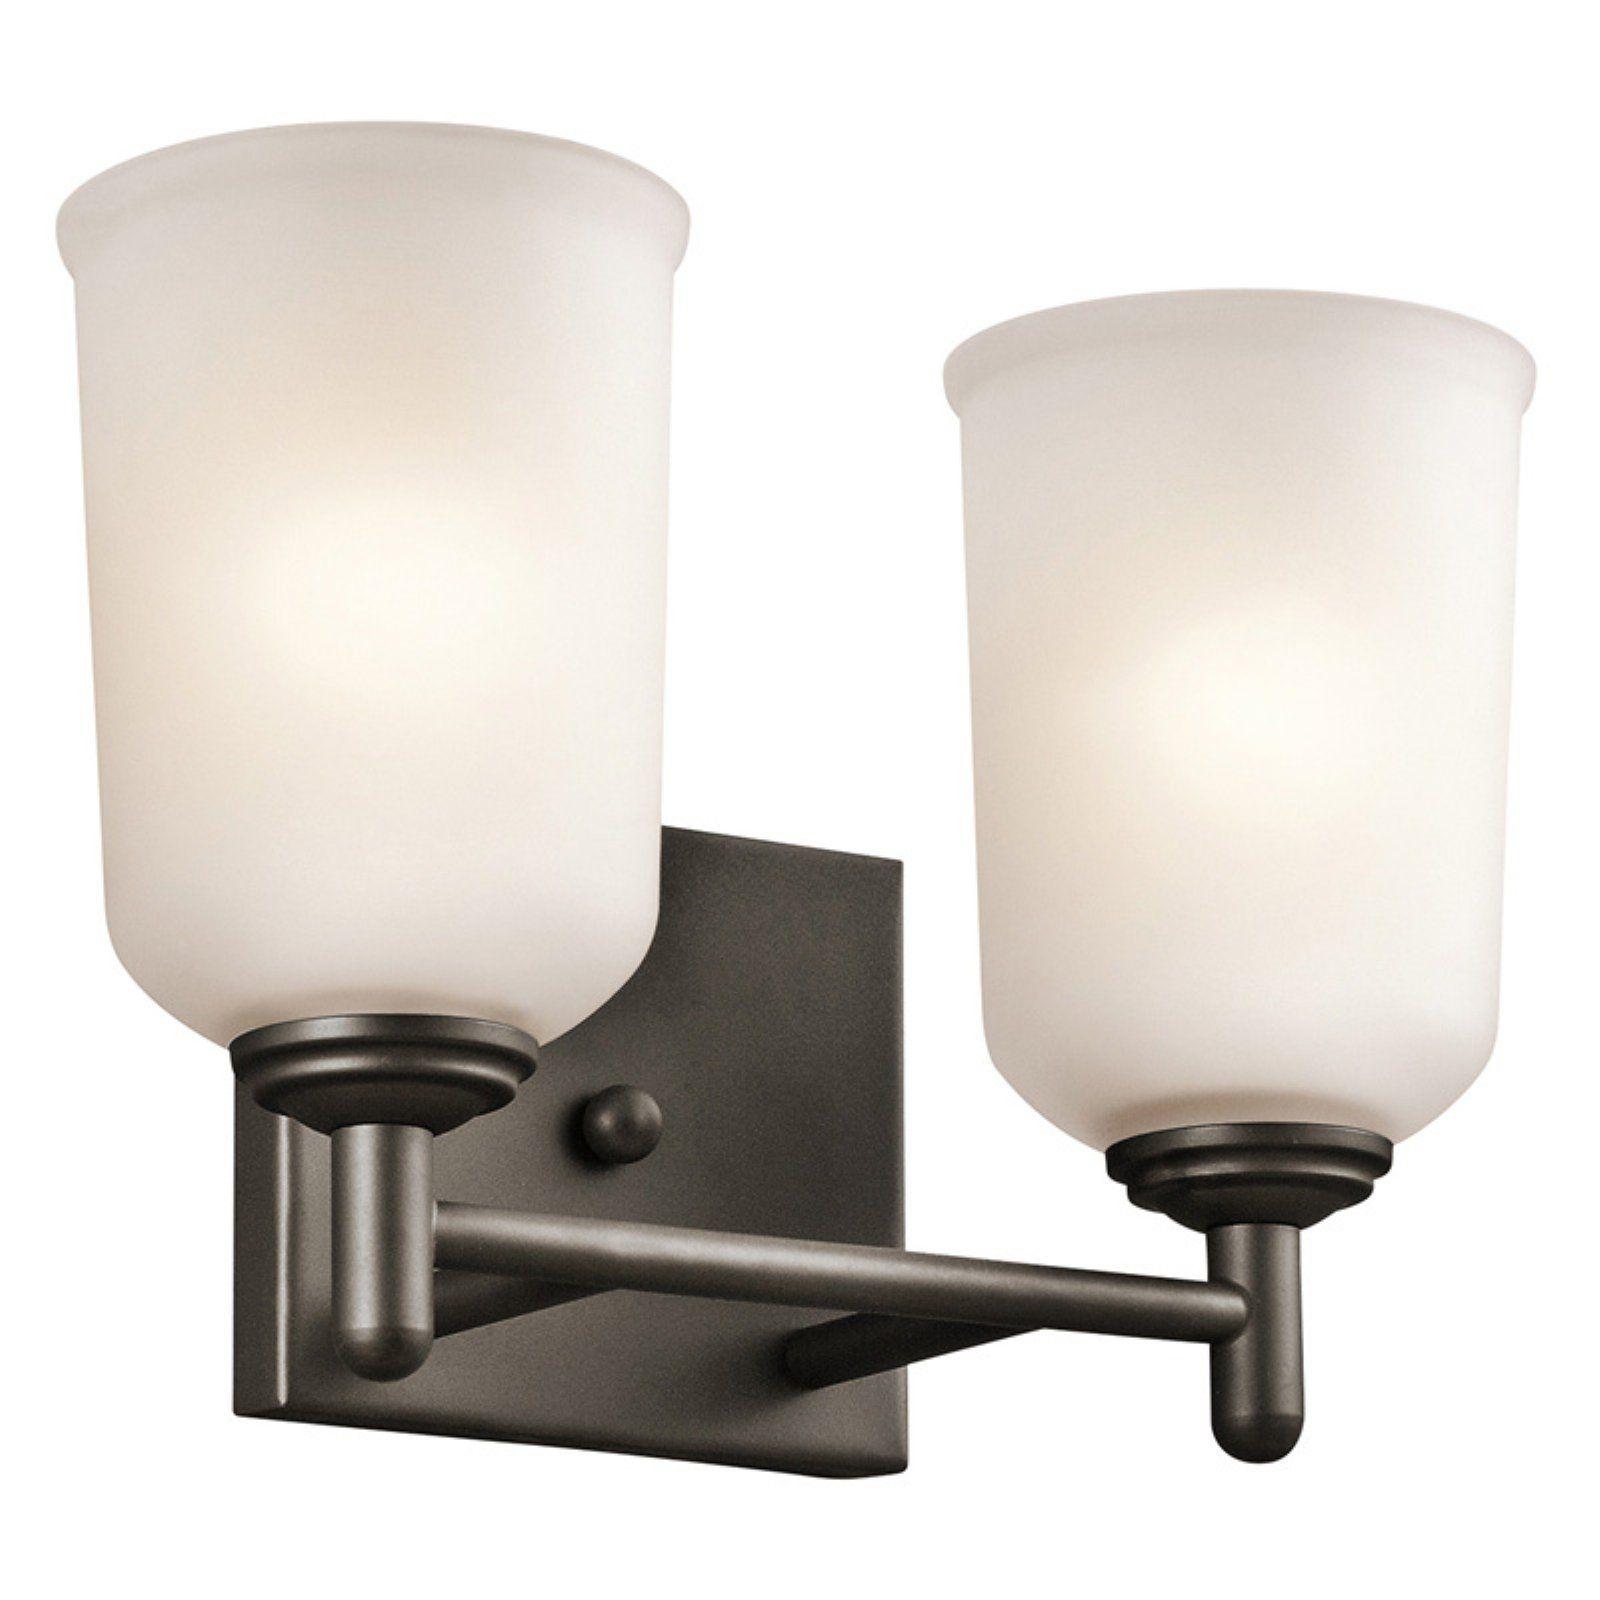 Kichler Shailene 45573 Bathroom Vanity Light Vanity